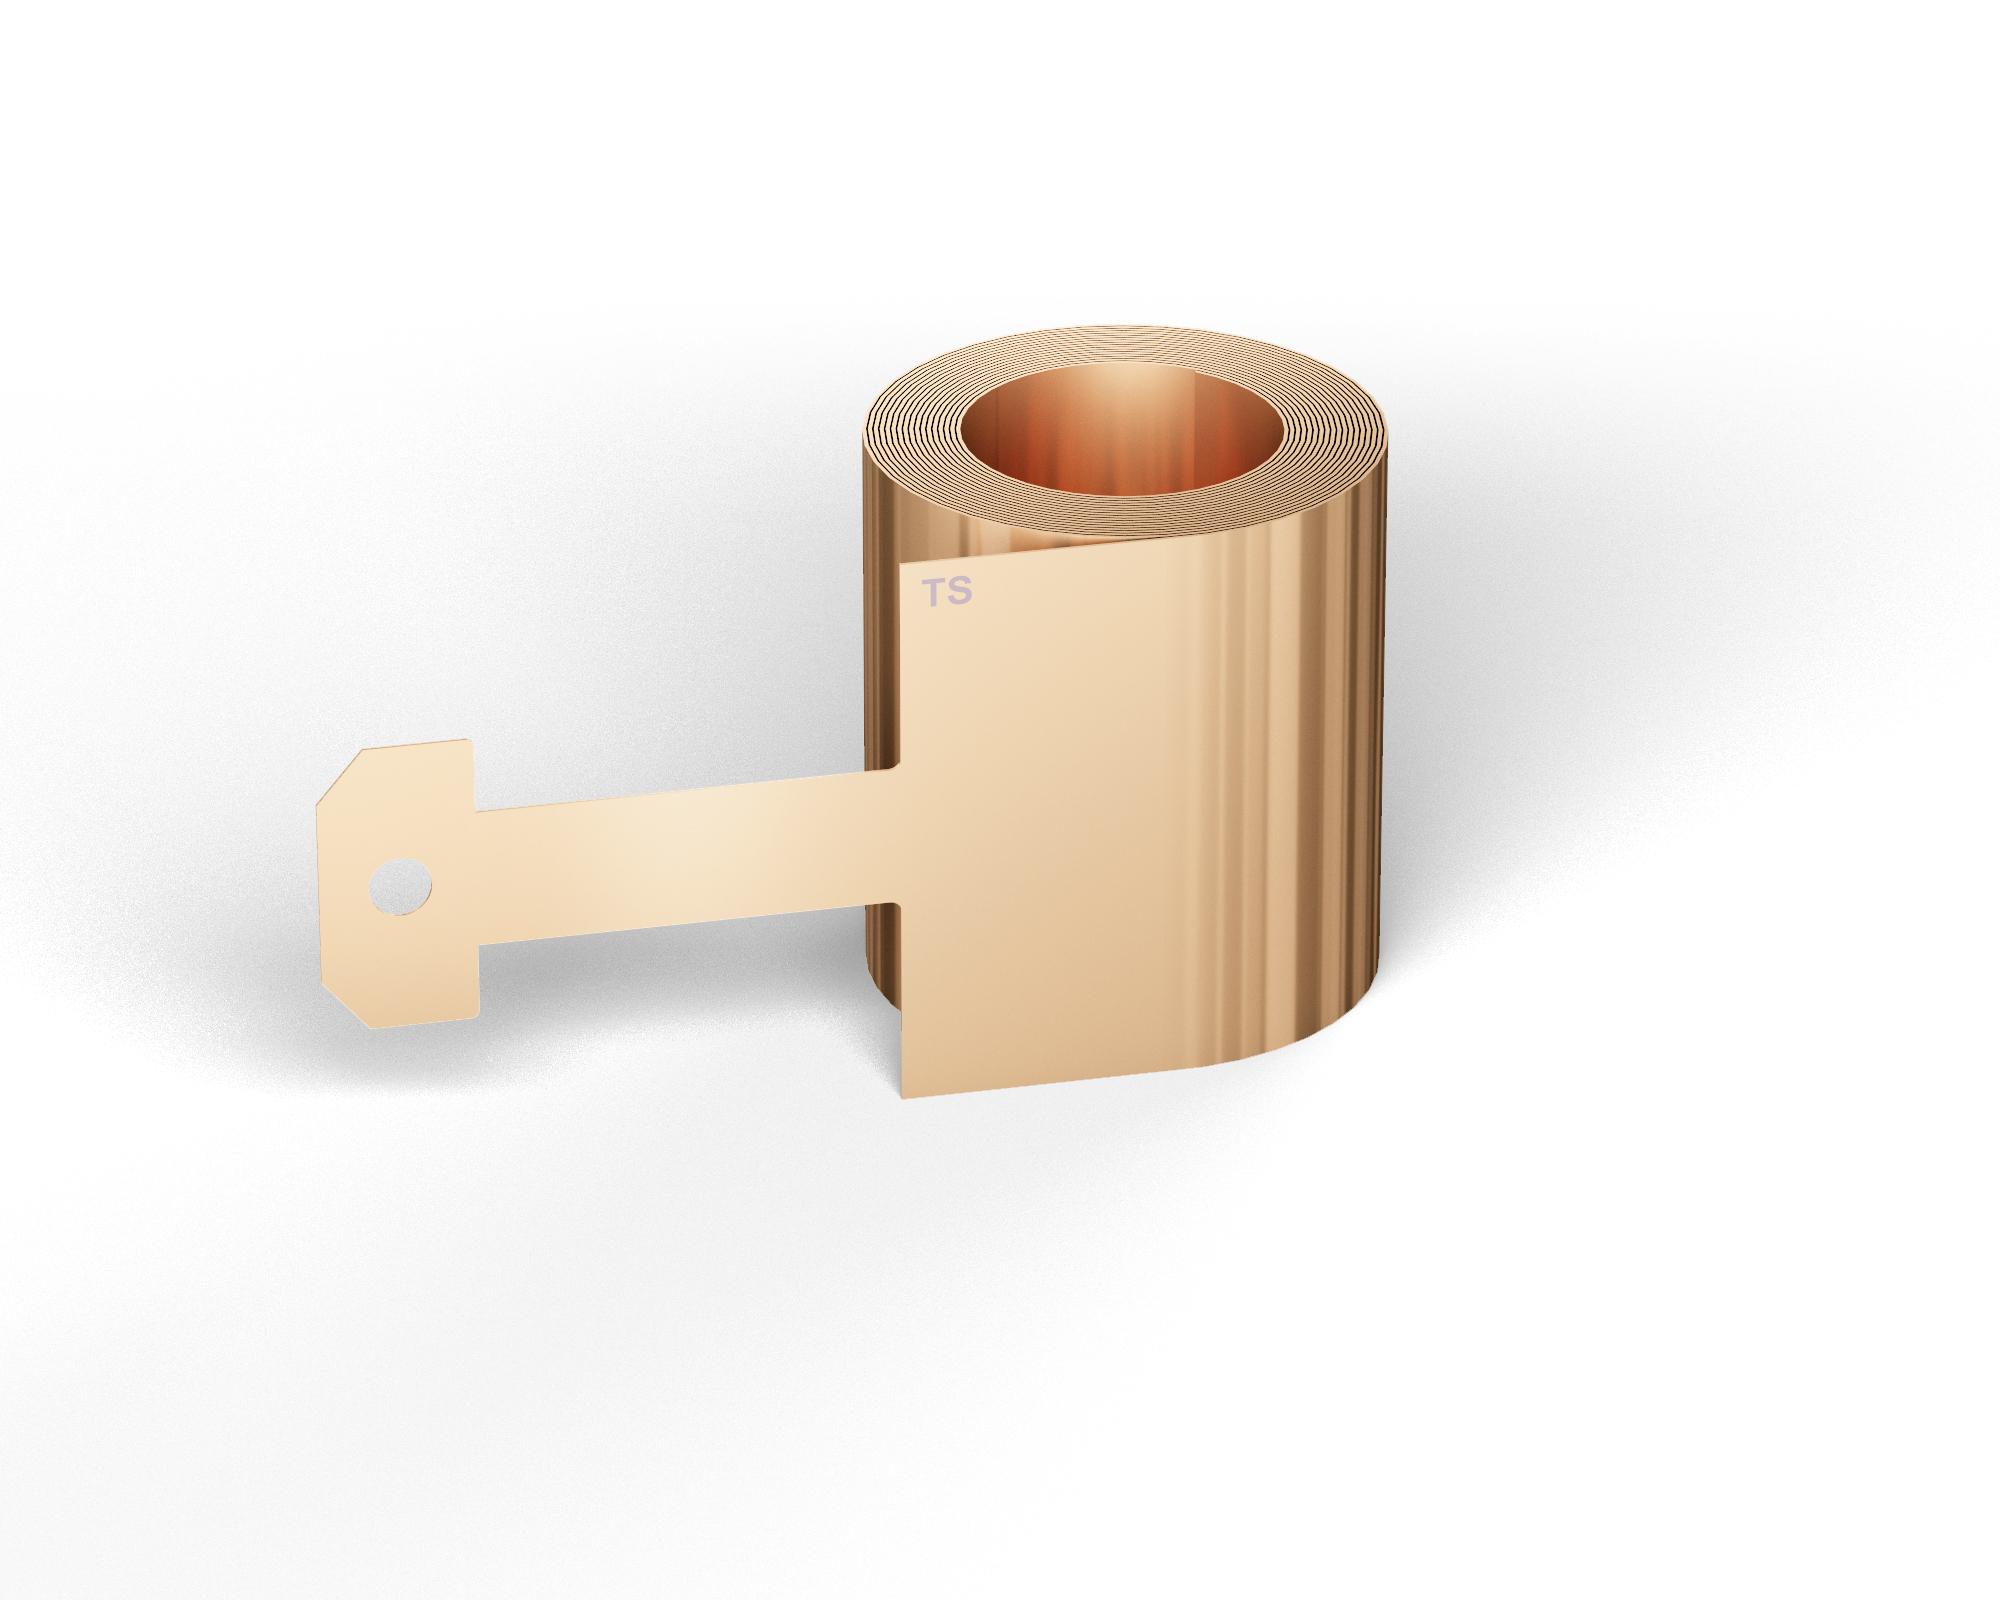 定力彈簧 - 定力彈簧、恆力彈簧、定力發條